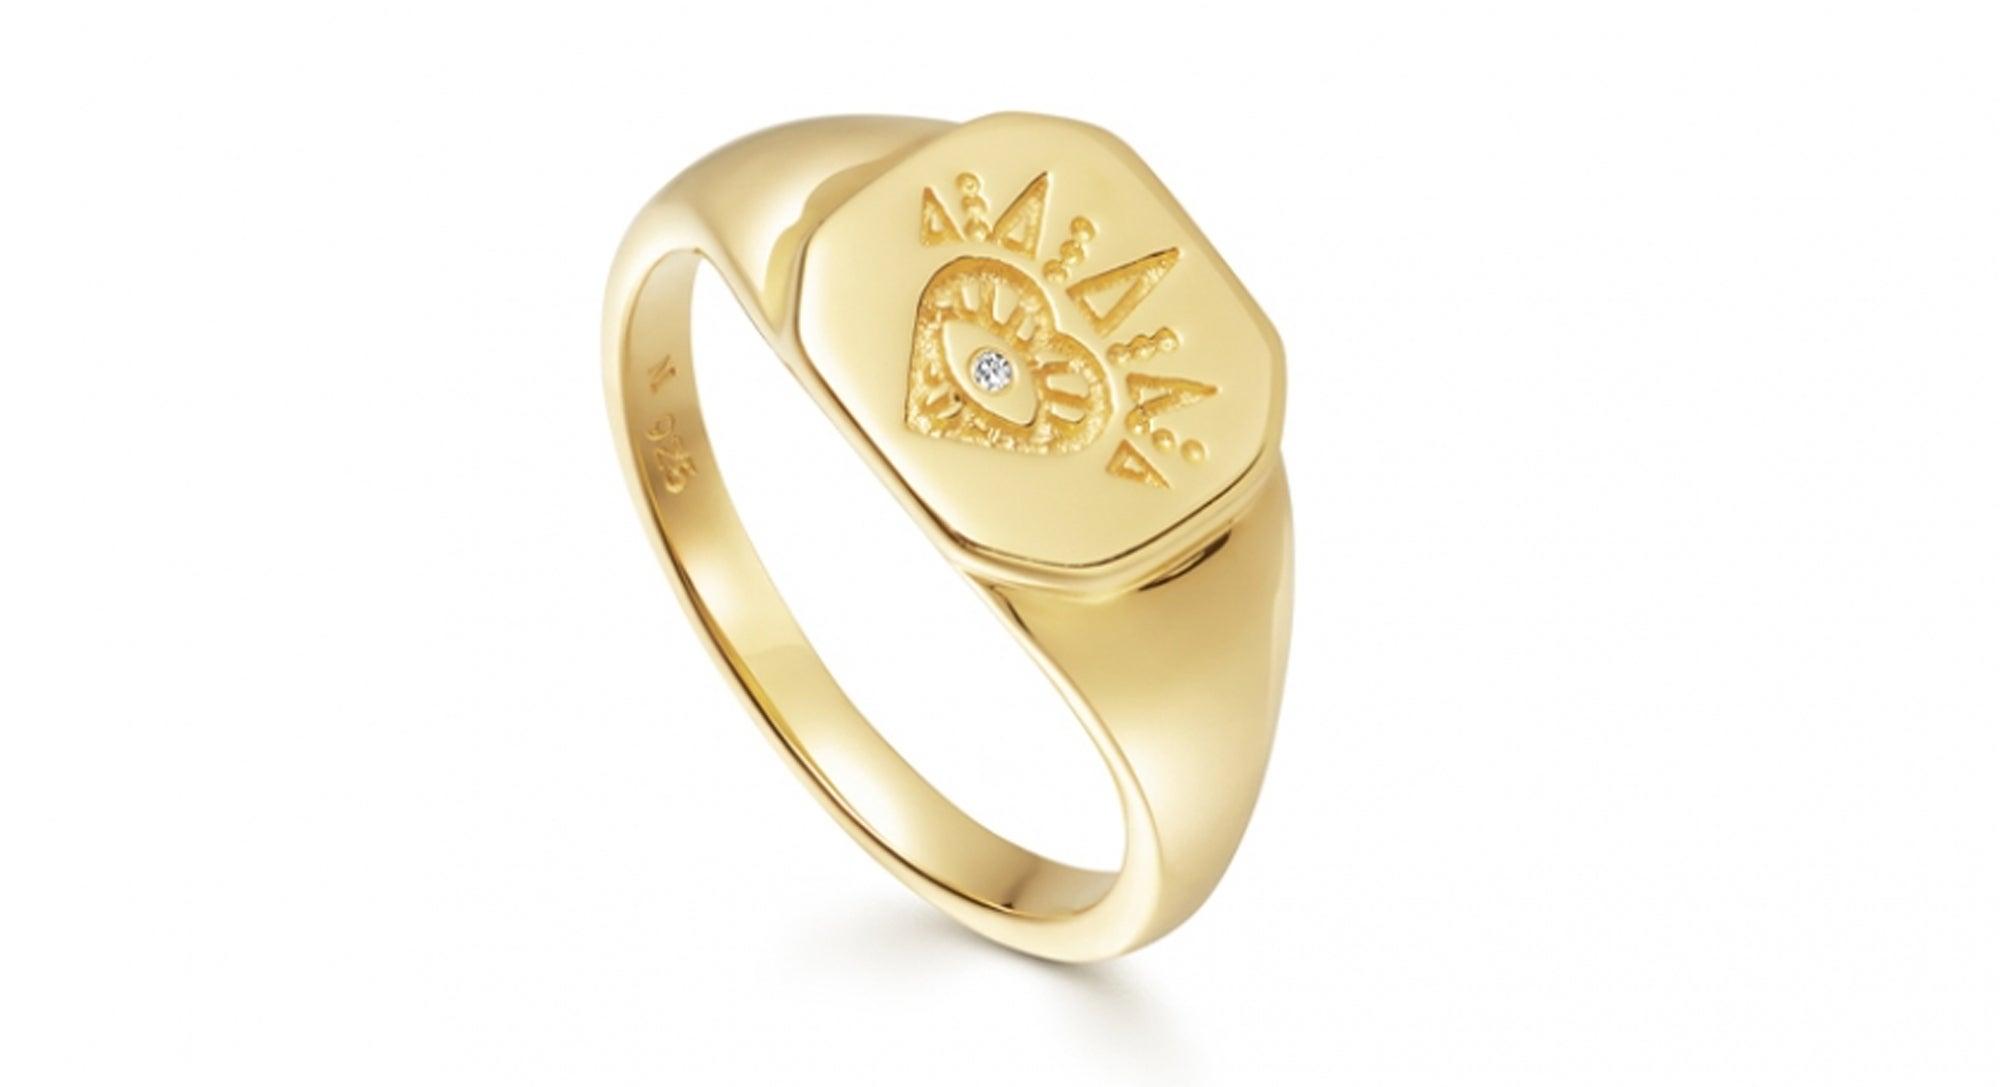 Missoma Gold Open Heart Signet Ring